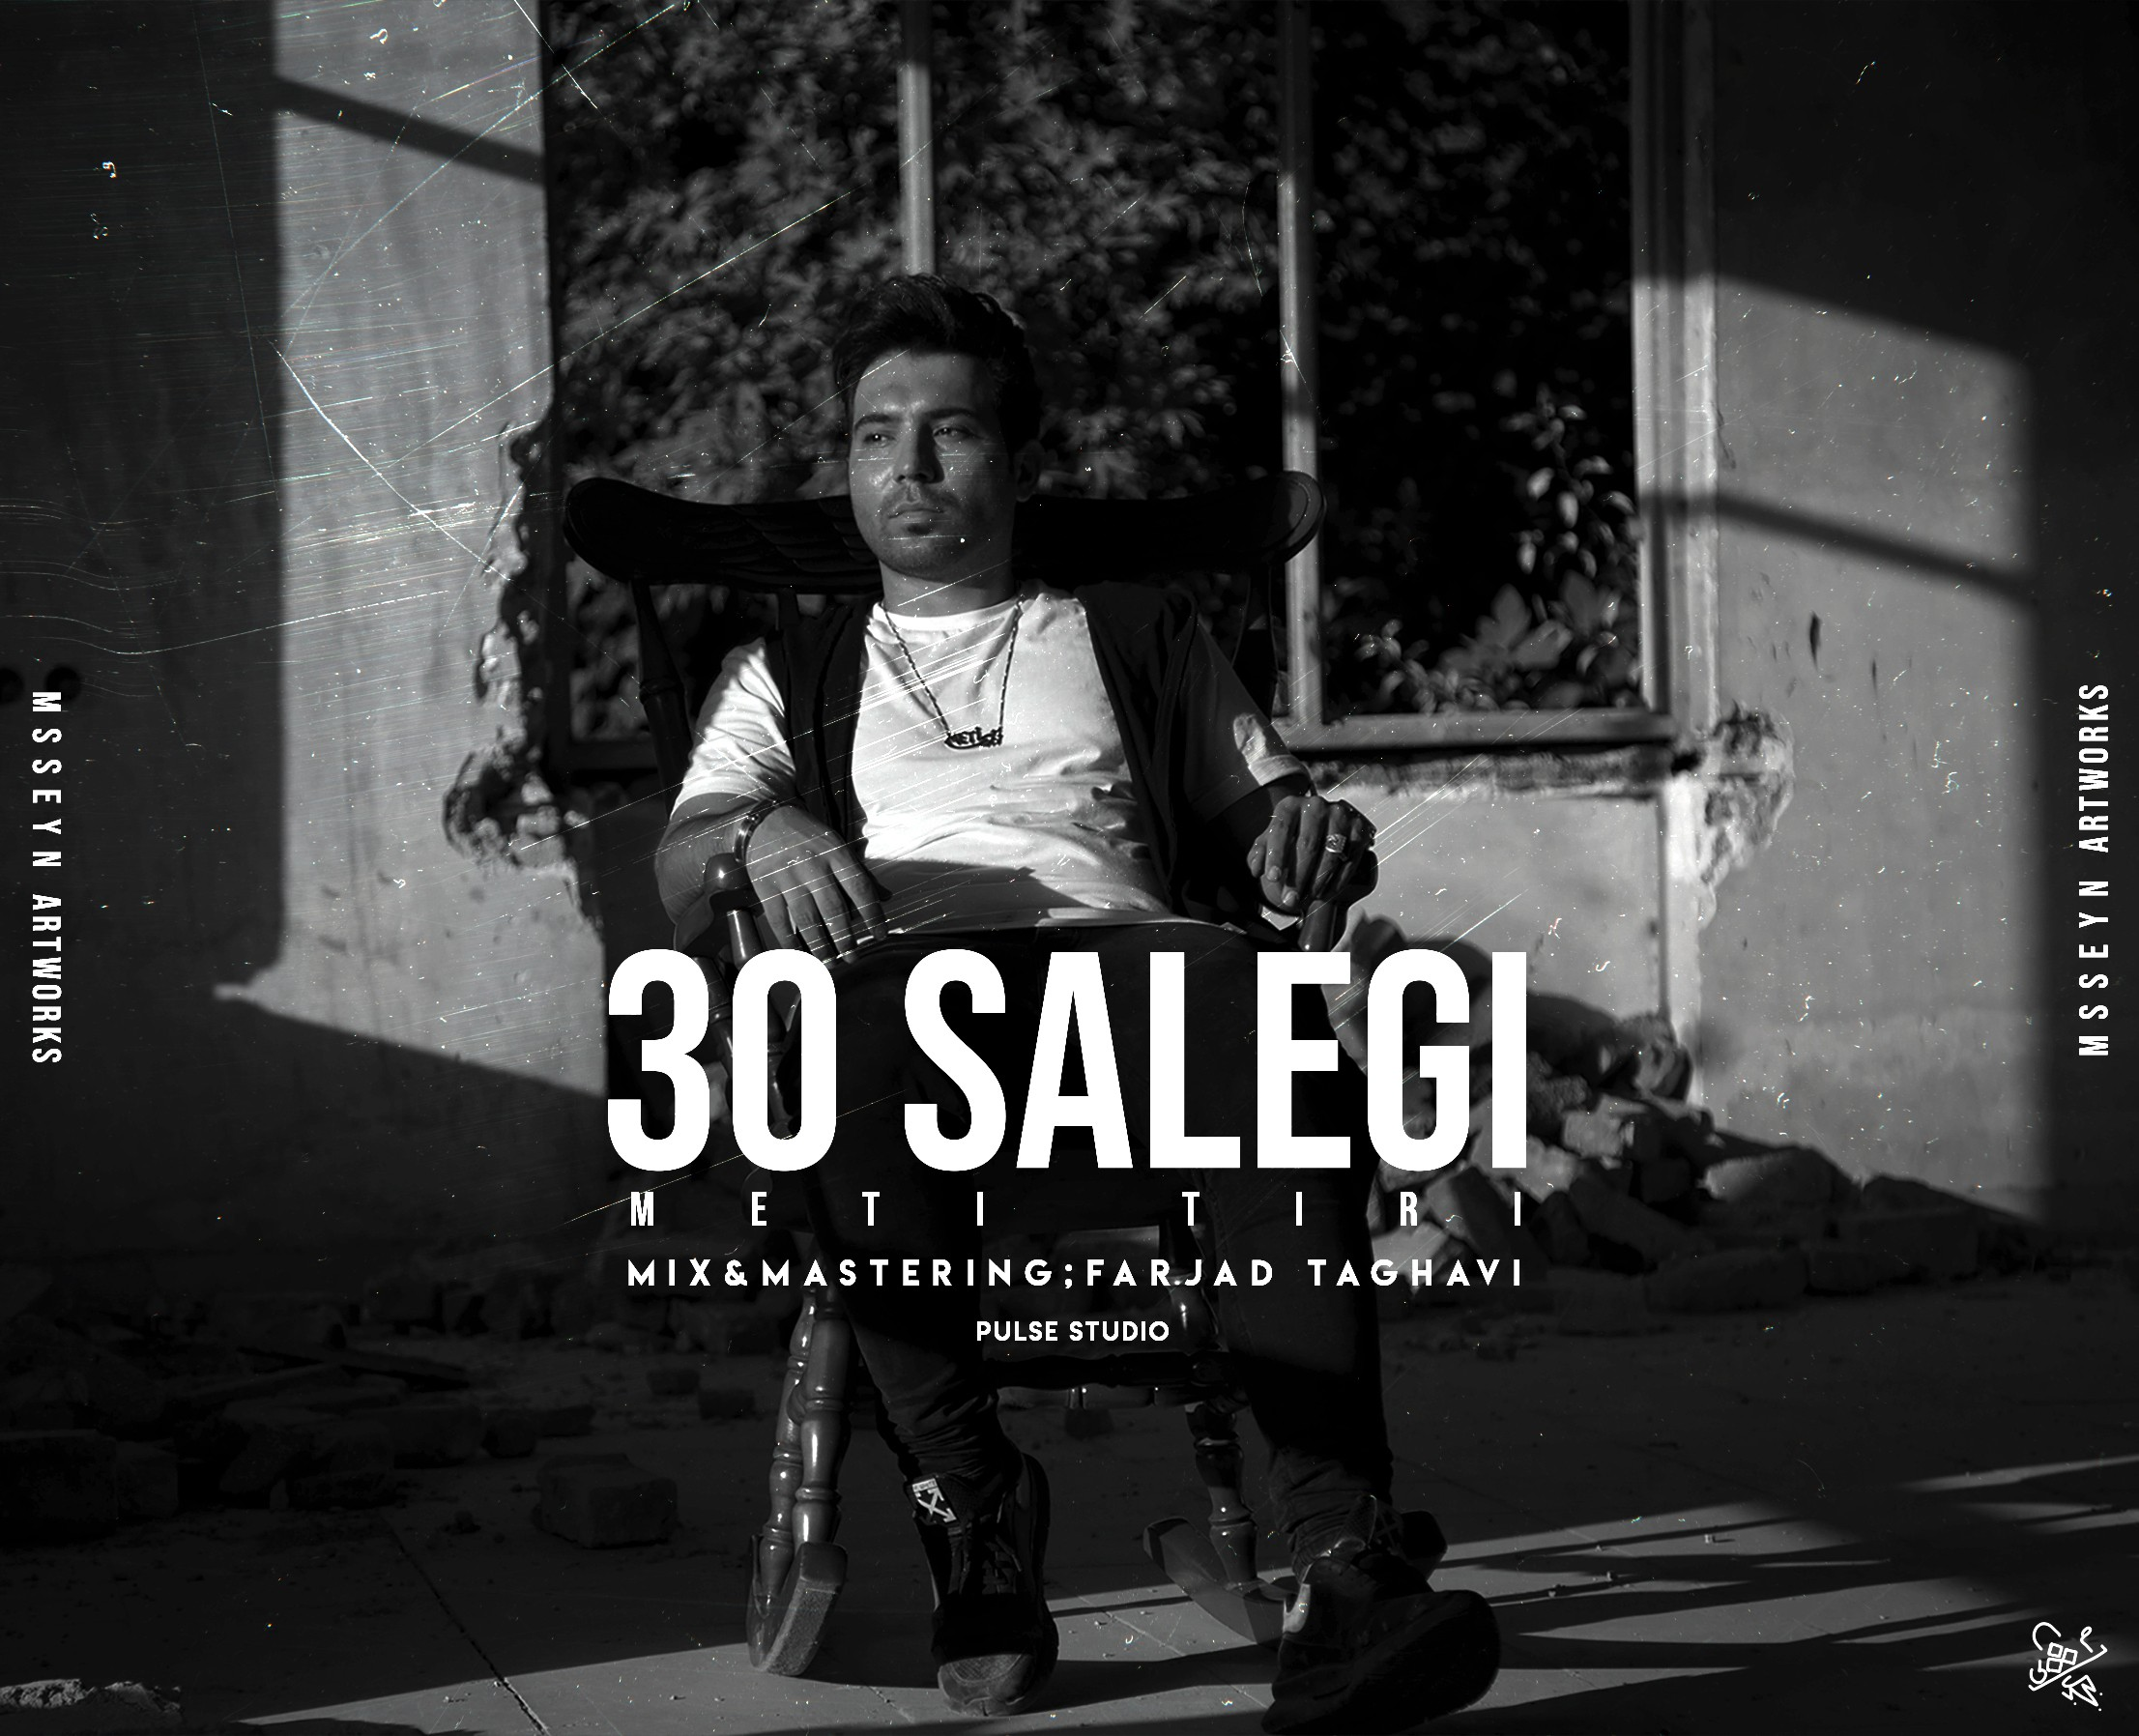 Meti Tiri – 30 Salegi